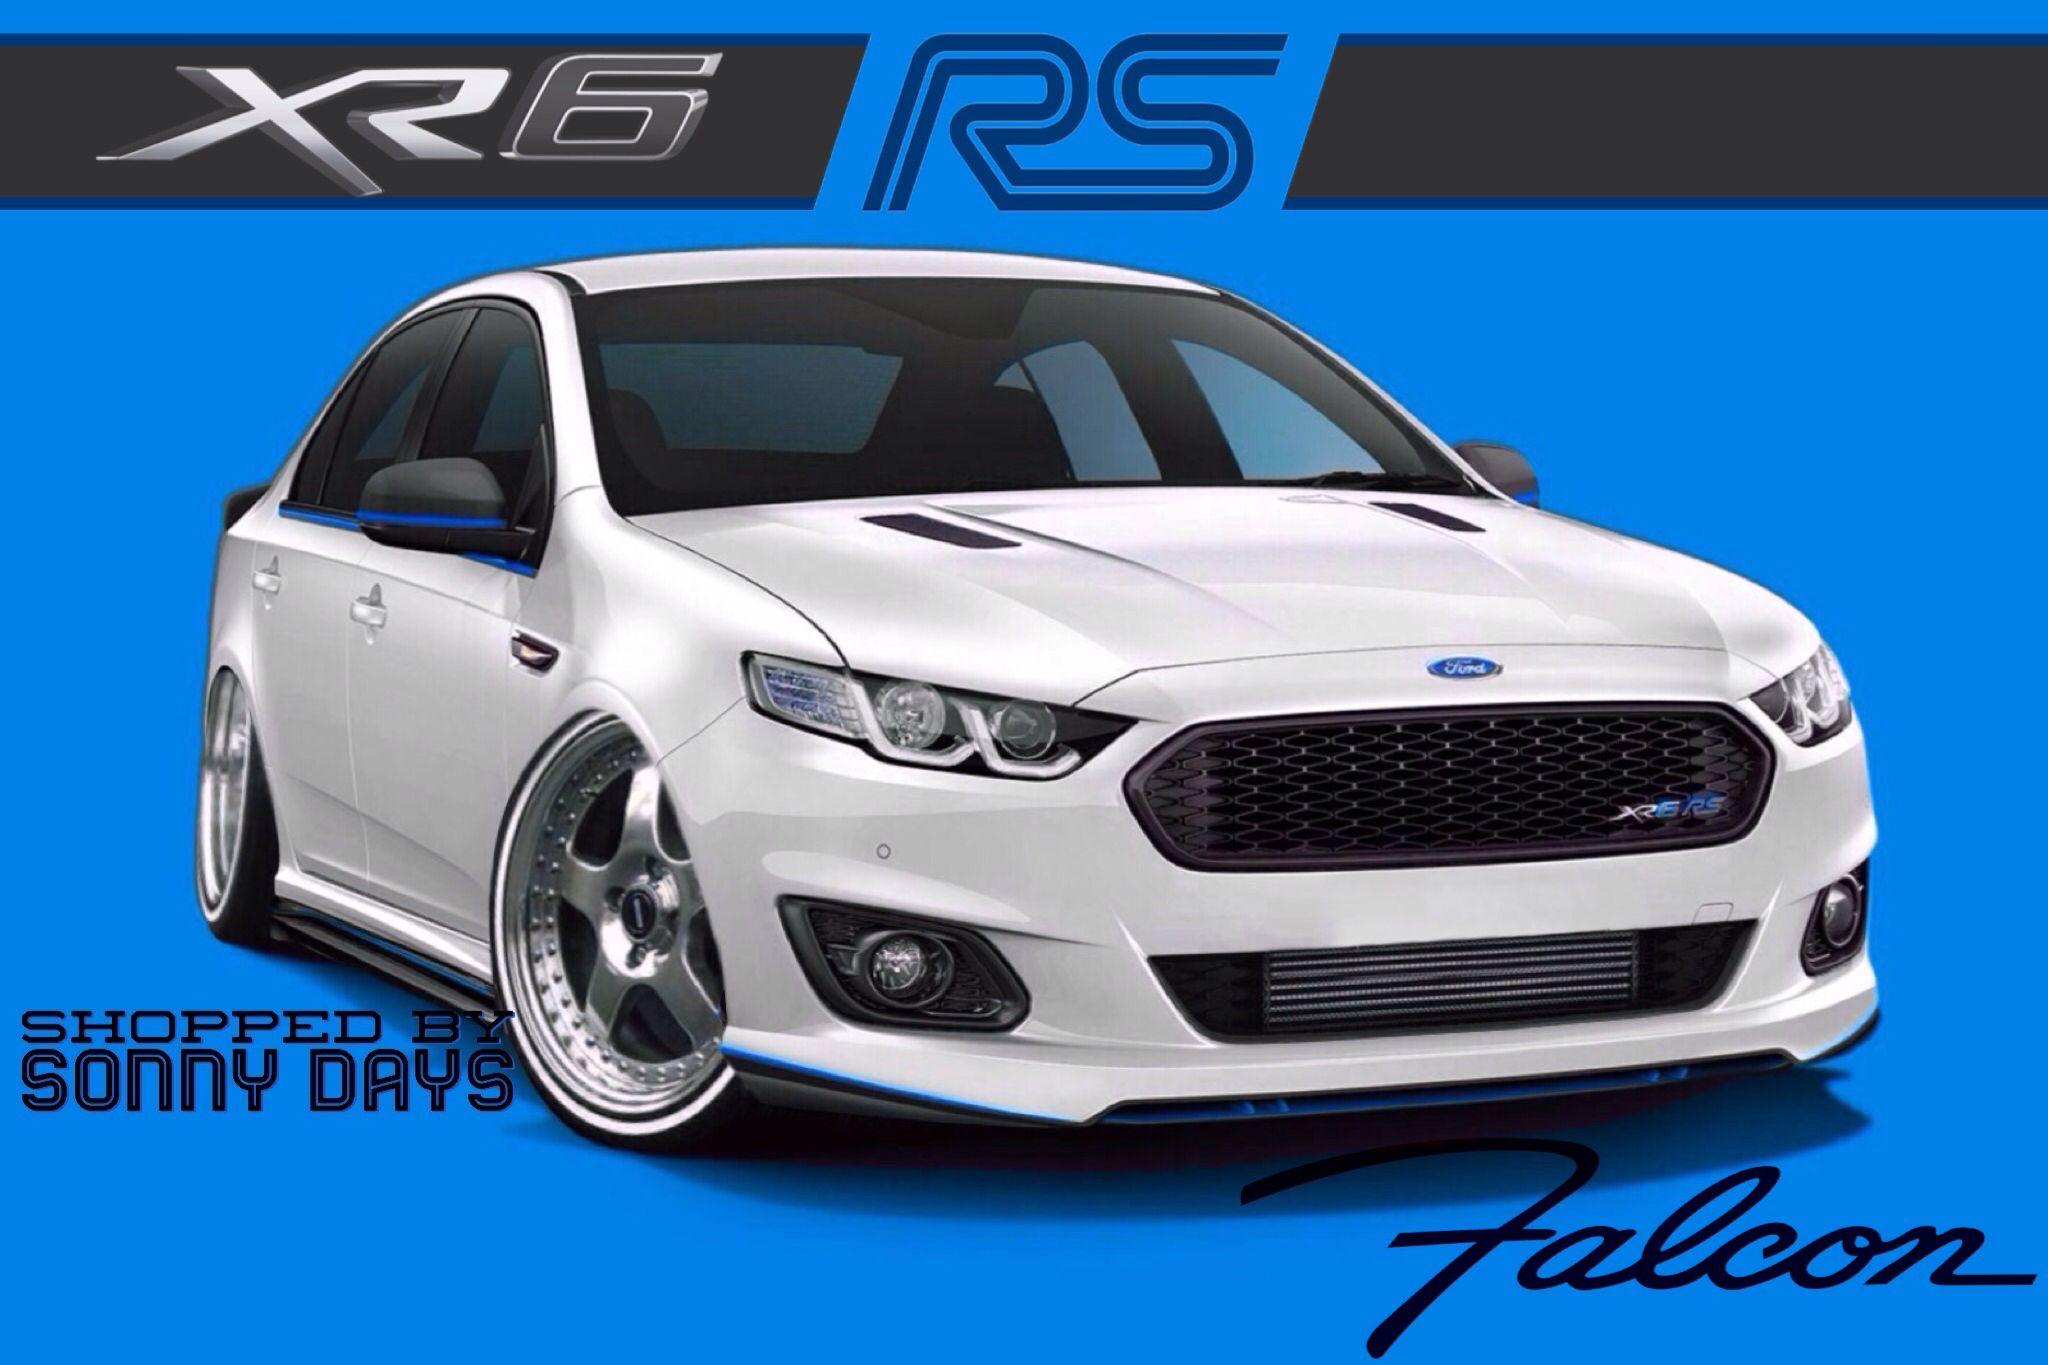 Fgx Xr6 Turbo Rs Aussie Muscle Cars Custom Cars Dream Cars